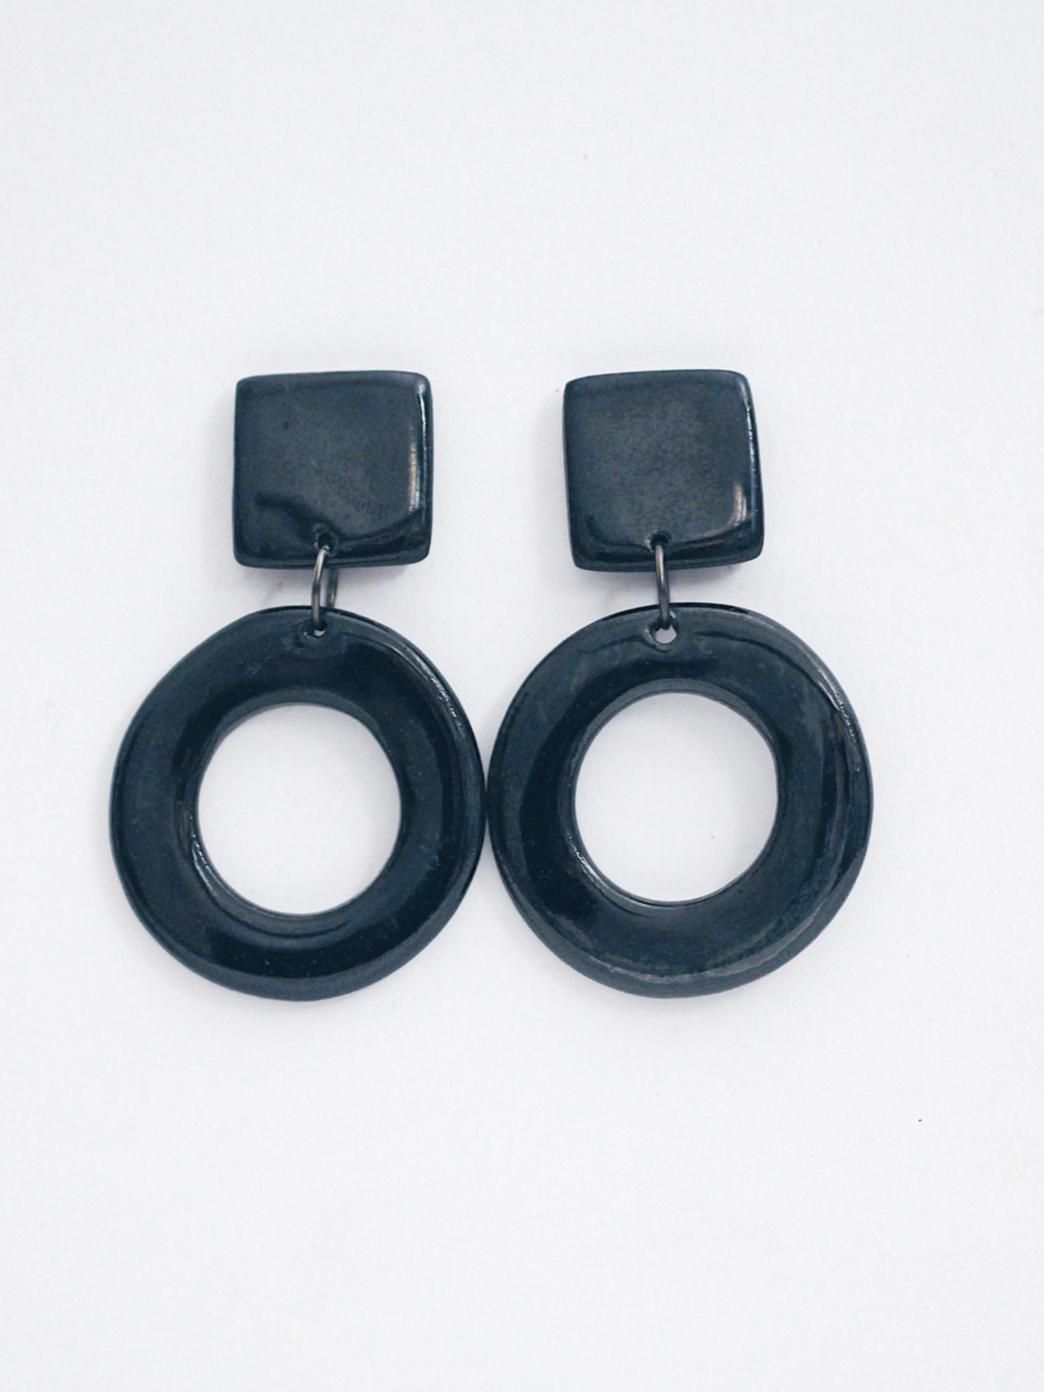 Крупные круглые серьги Cosmicbead, черные кольца серьги, стильные украшения, купить серьги, оригинальный подарок подруге